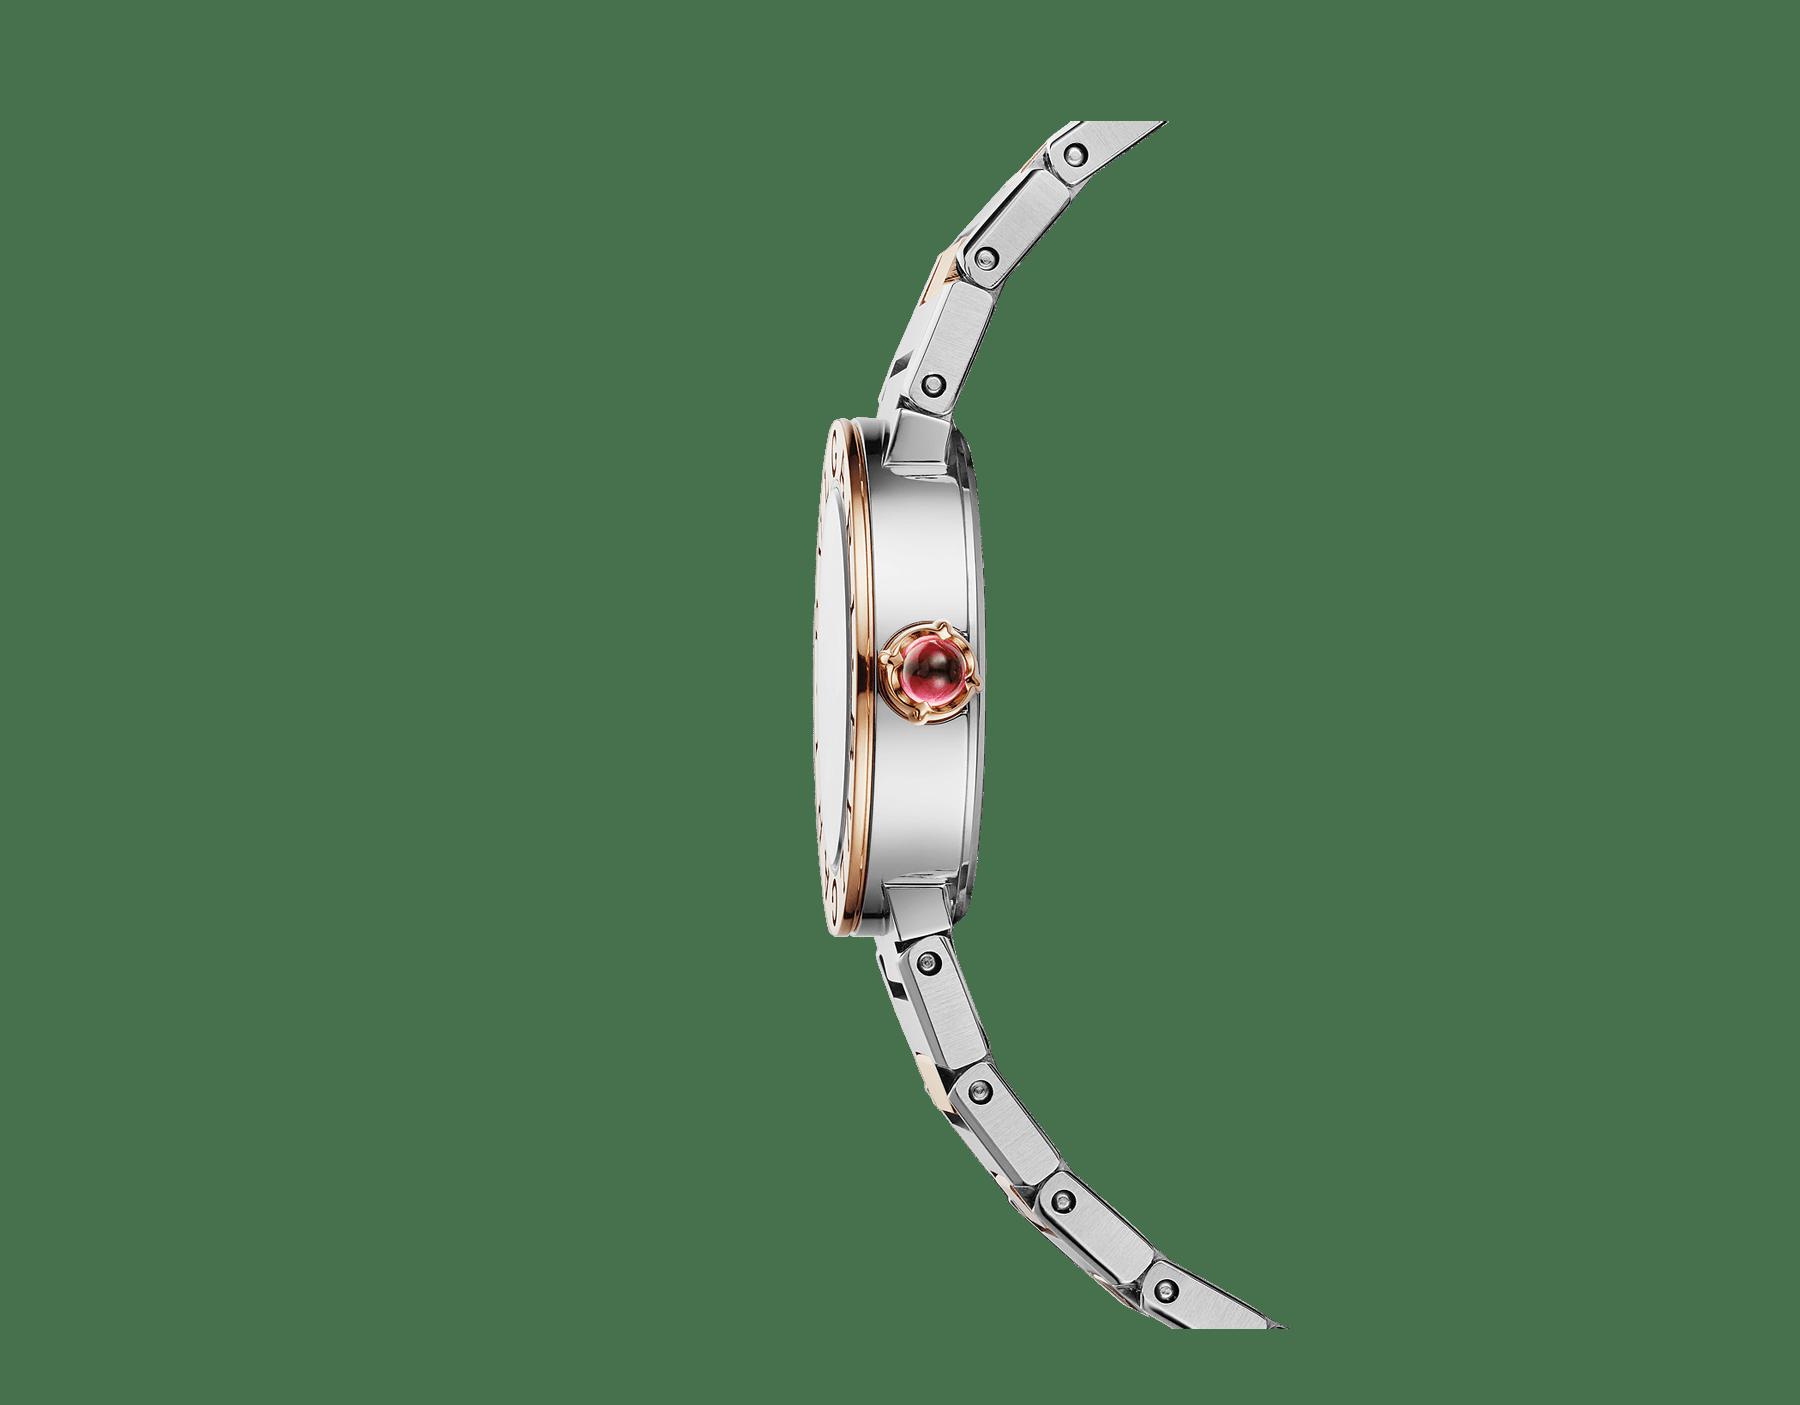 Relógio BVLGARI BVLGARI LADY com caixa em aço inoxidável, bezel em ouro rosa 18K gravado com o logotipo duplo, mostrador preto laqueado e pulseira em ouro rosa 18K e aço inoxidável 102944 image 2